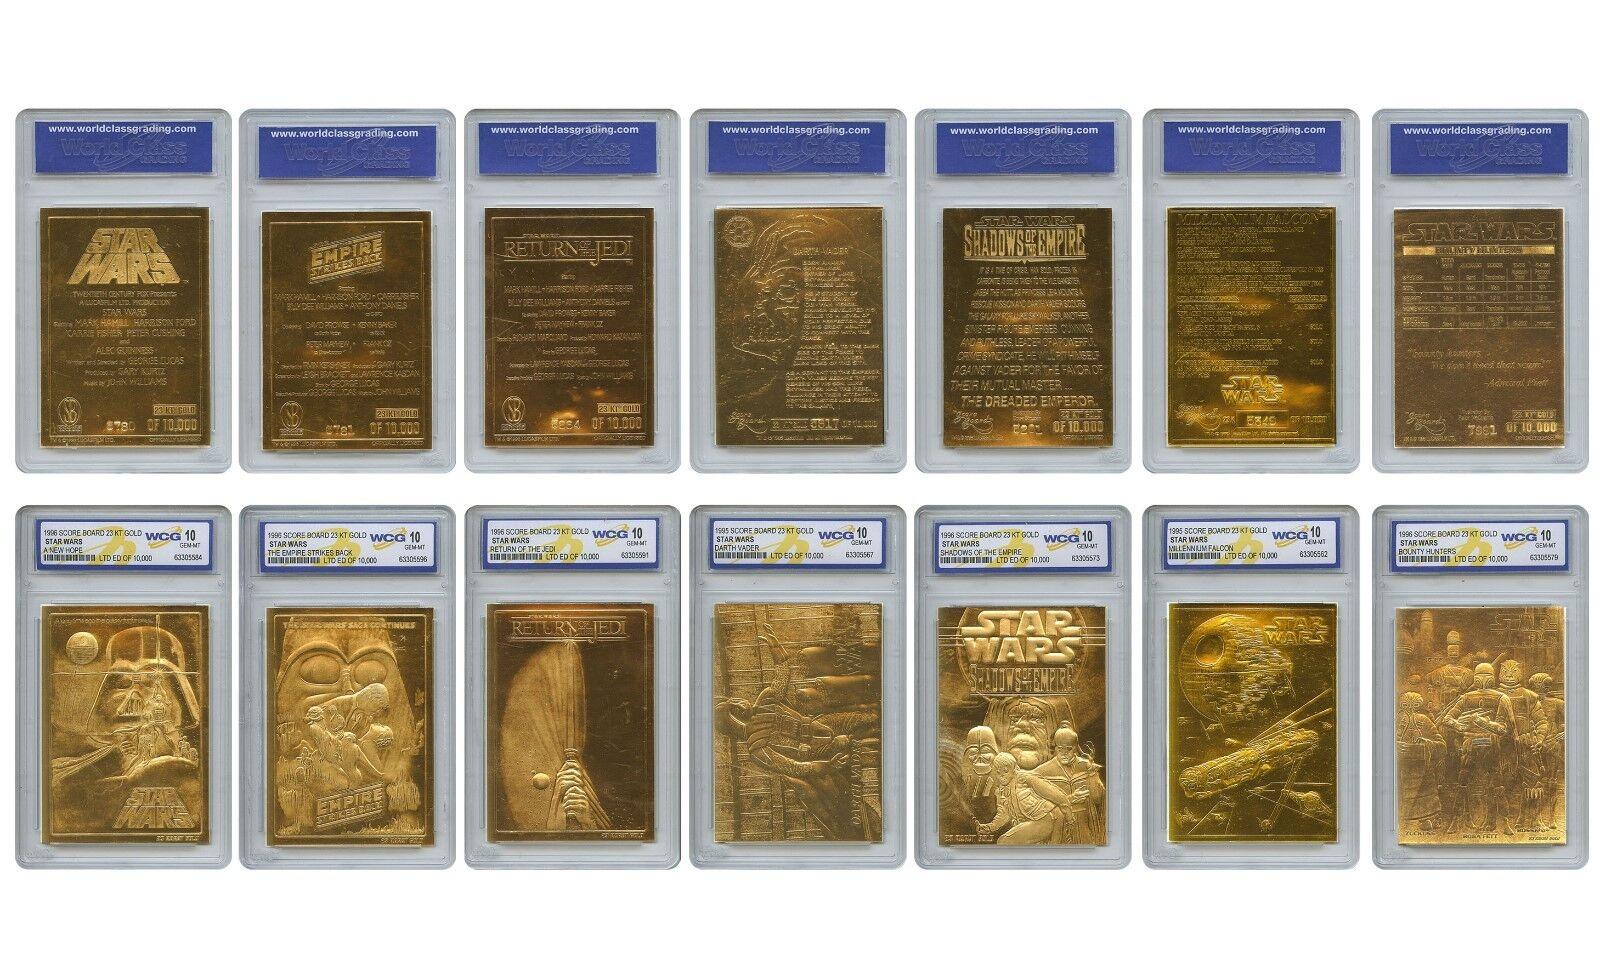 STAR WARS 1996 Genuine 23KT Gold Cards Graded Gem-Mint 10 – COMPLETE SET OF 7